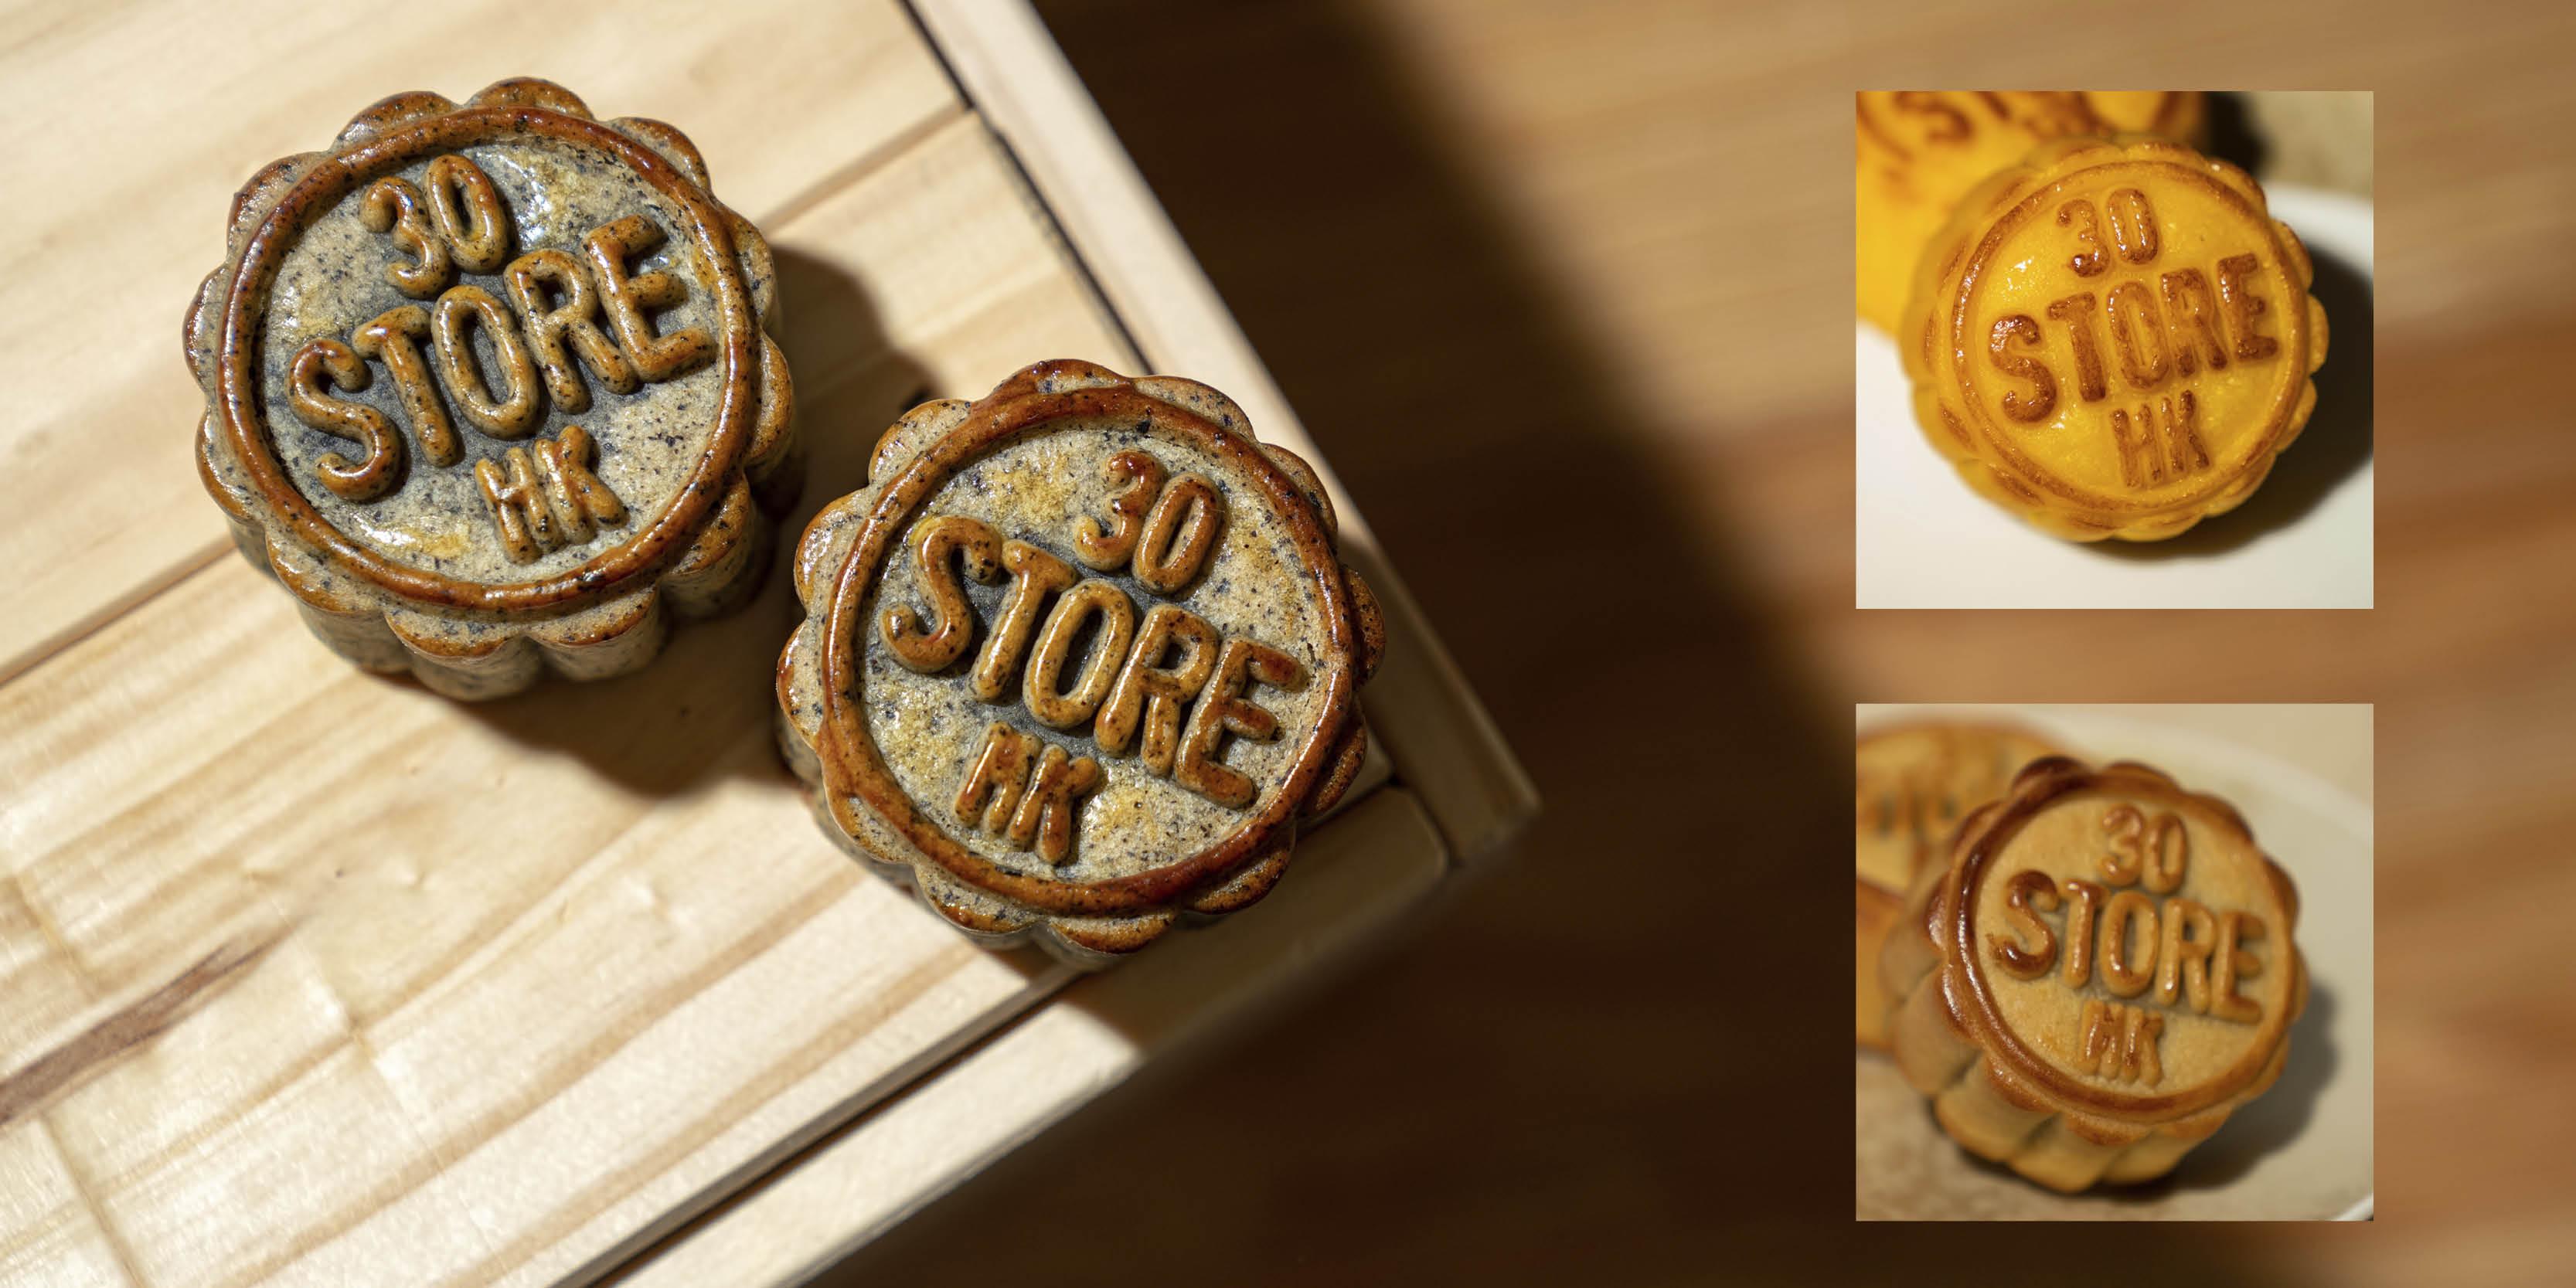 黃蓮蓉月餅是富有年代感的「老餅嘢」,近年愈來愈少人做。叁拾士多竟然選擇復刻這一個中秋回憶,今年首度製作黃蓮蓉鹹蛋黃月餅($268),加上同步推出的流心奶黃月餅($238)及伯爵紅豆陳皮月餅($268),總有一款能滿足你。值得一提的是後者那台灣相思紅豆配十年陳皮的滋味不錯,傳統餅皮中還加入了伯爵茶,可以一試。訂購連結:shorturl.at/qIMY1